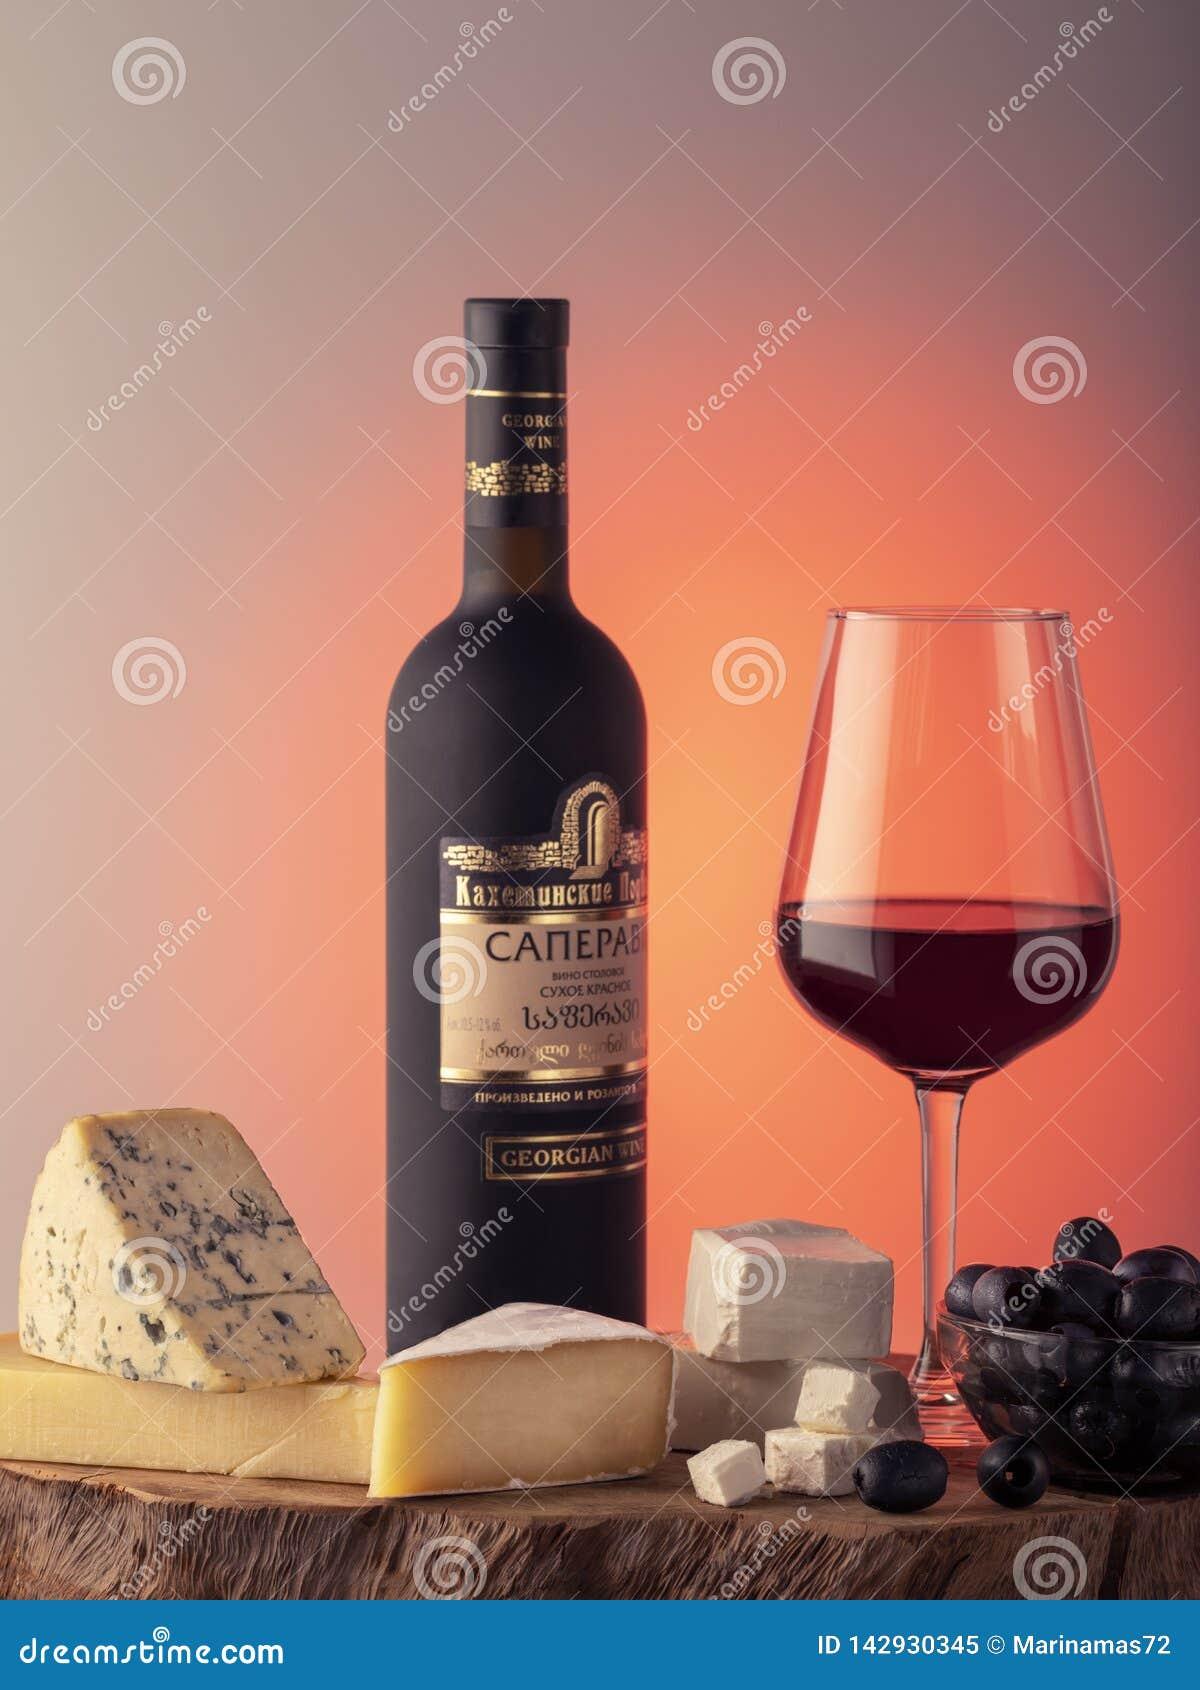 Gruziński wino, szkło czerwone wino, ser